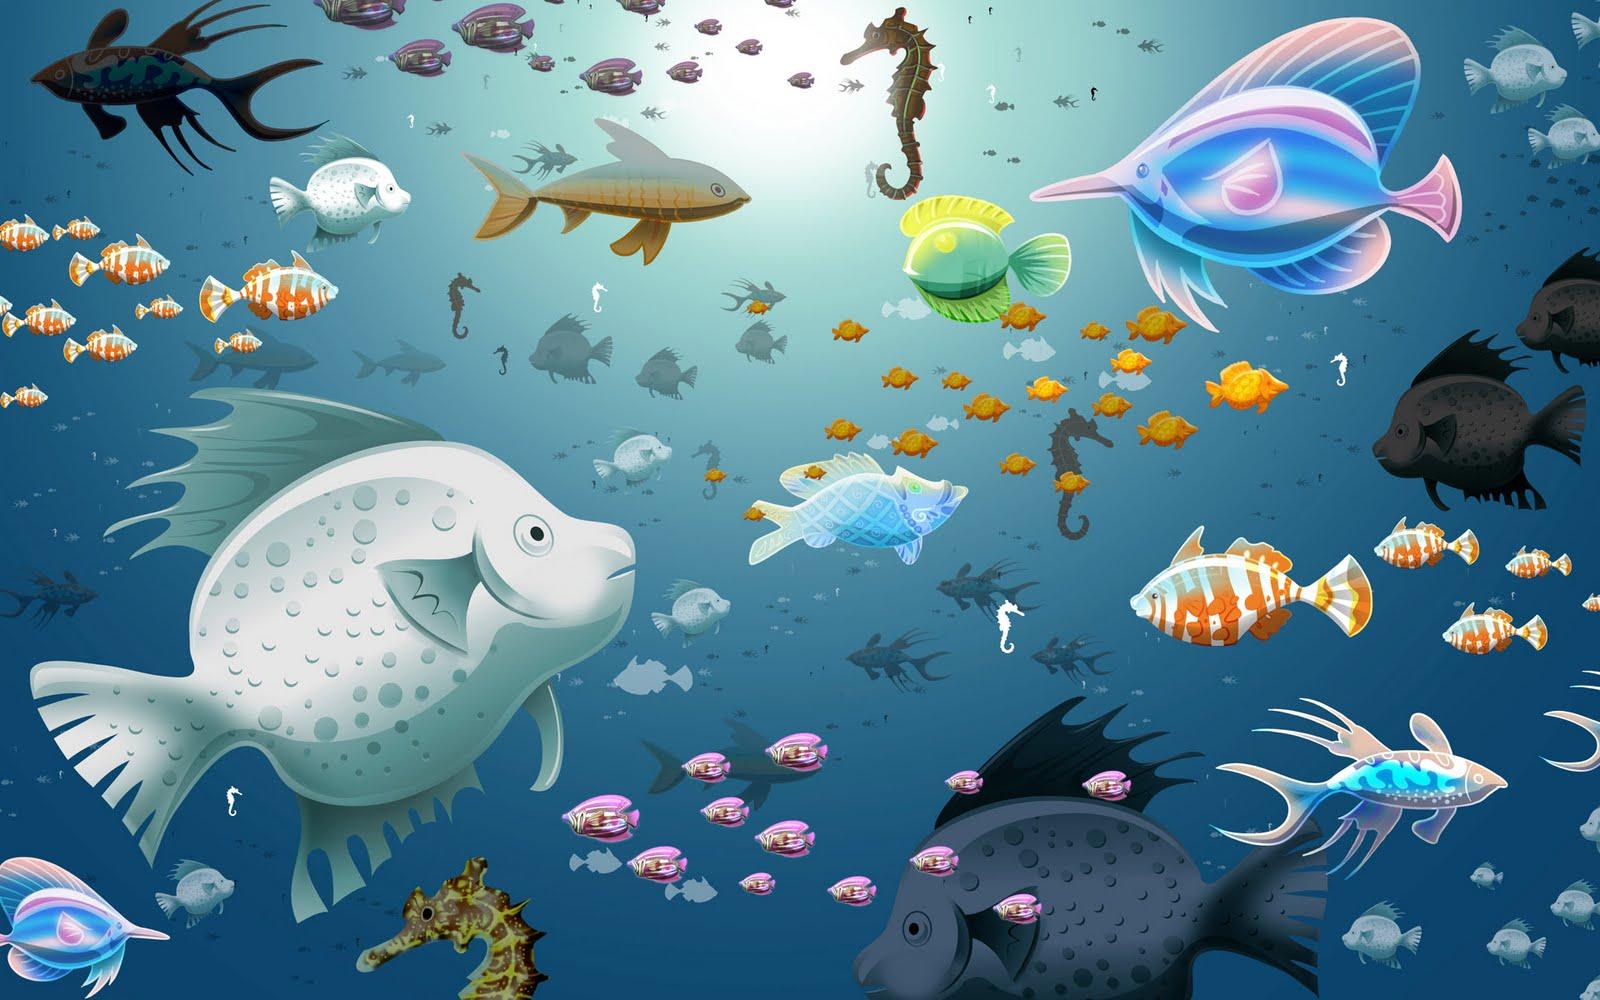 http://4.bp.blogspot.com/-ihPusxpZ9Yo/Td2B3369mKI/AAAAAAAAD8M/F7nSFSwE7IE/s1600/Virtual_Fish_Tank_Aquarium.jpg